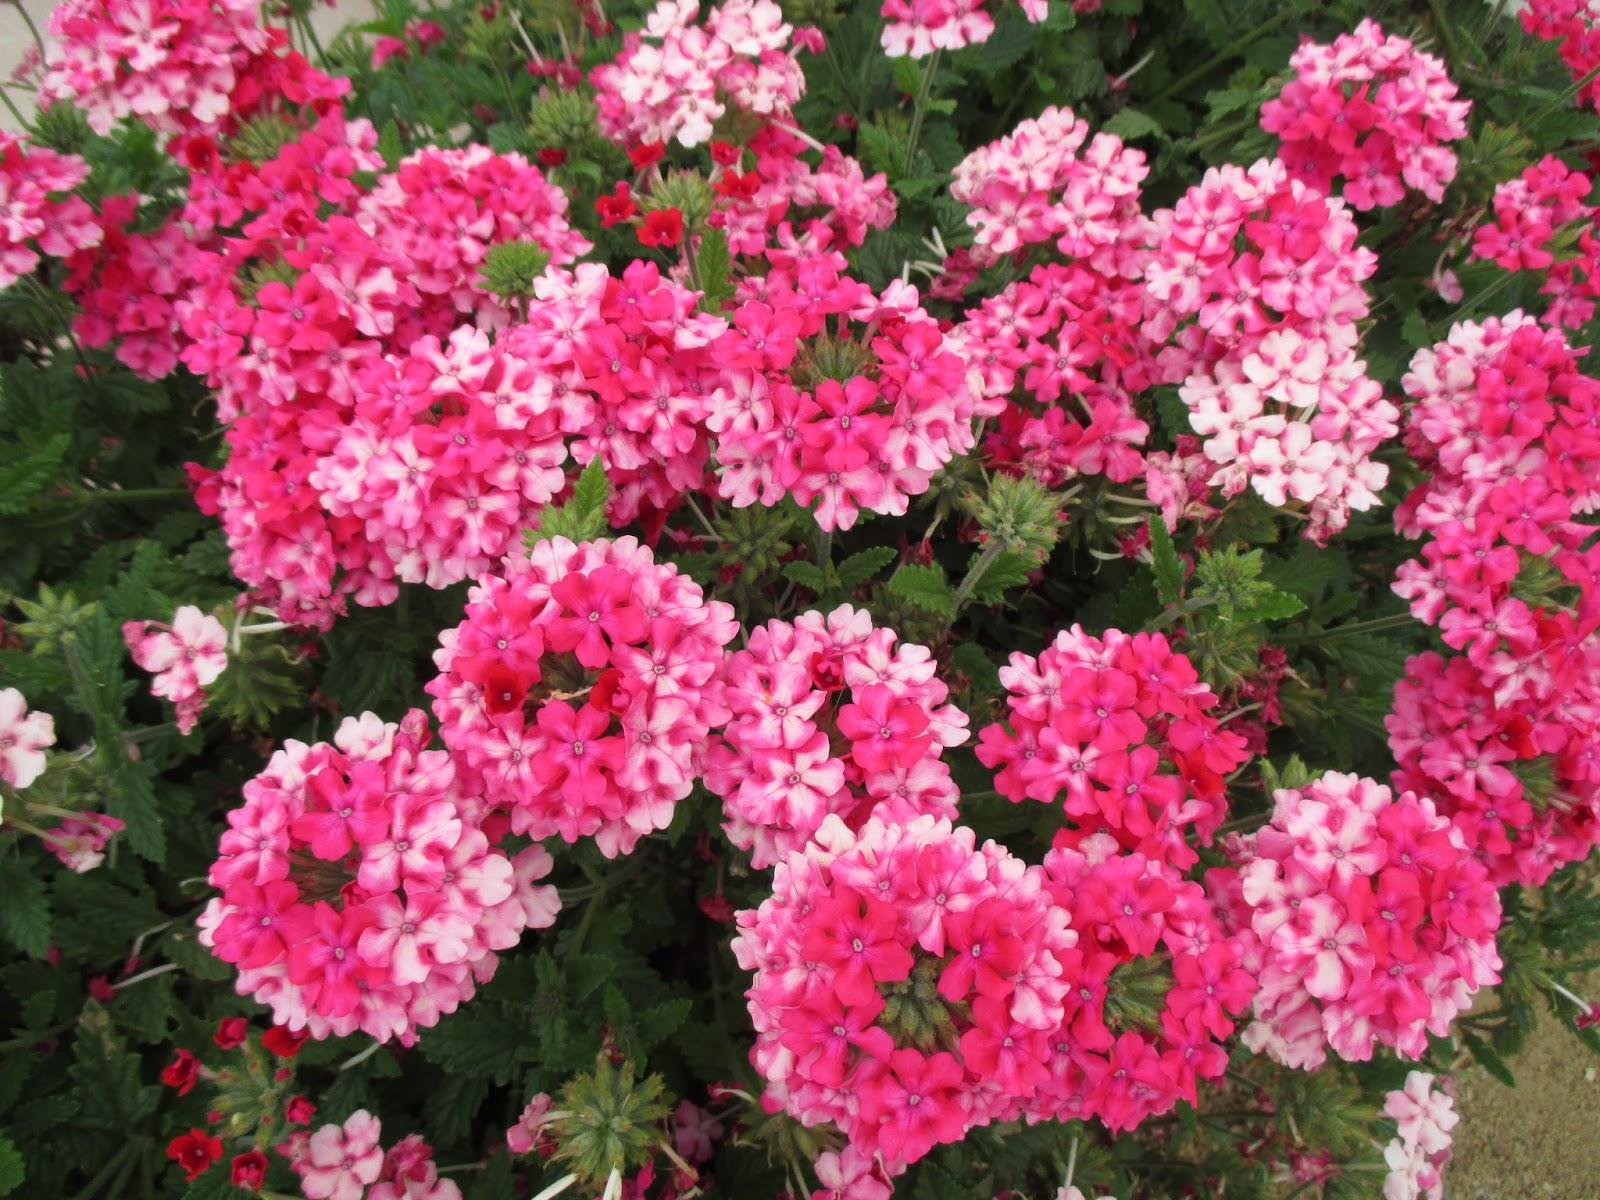 The Value of Verbena Rotary Botanical Gardens